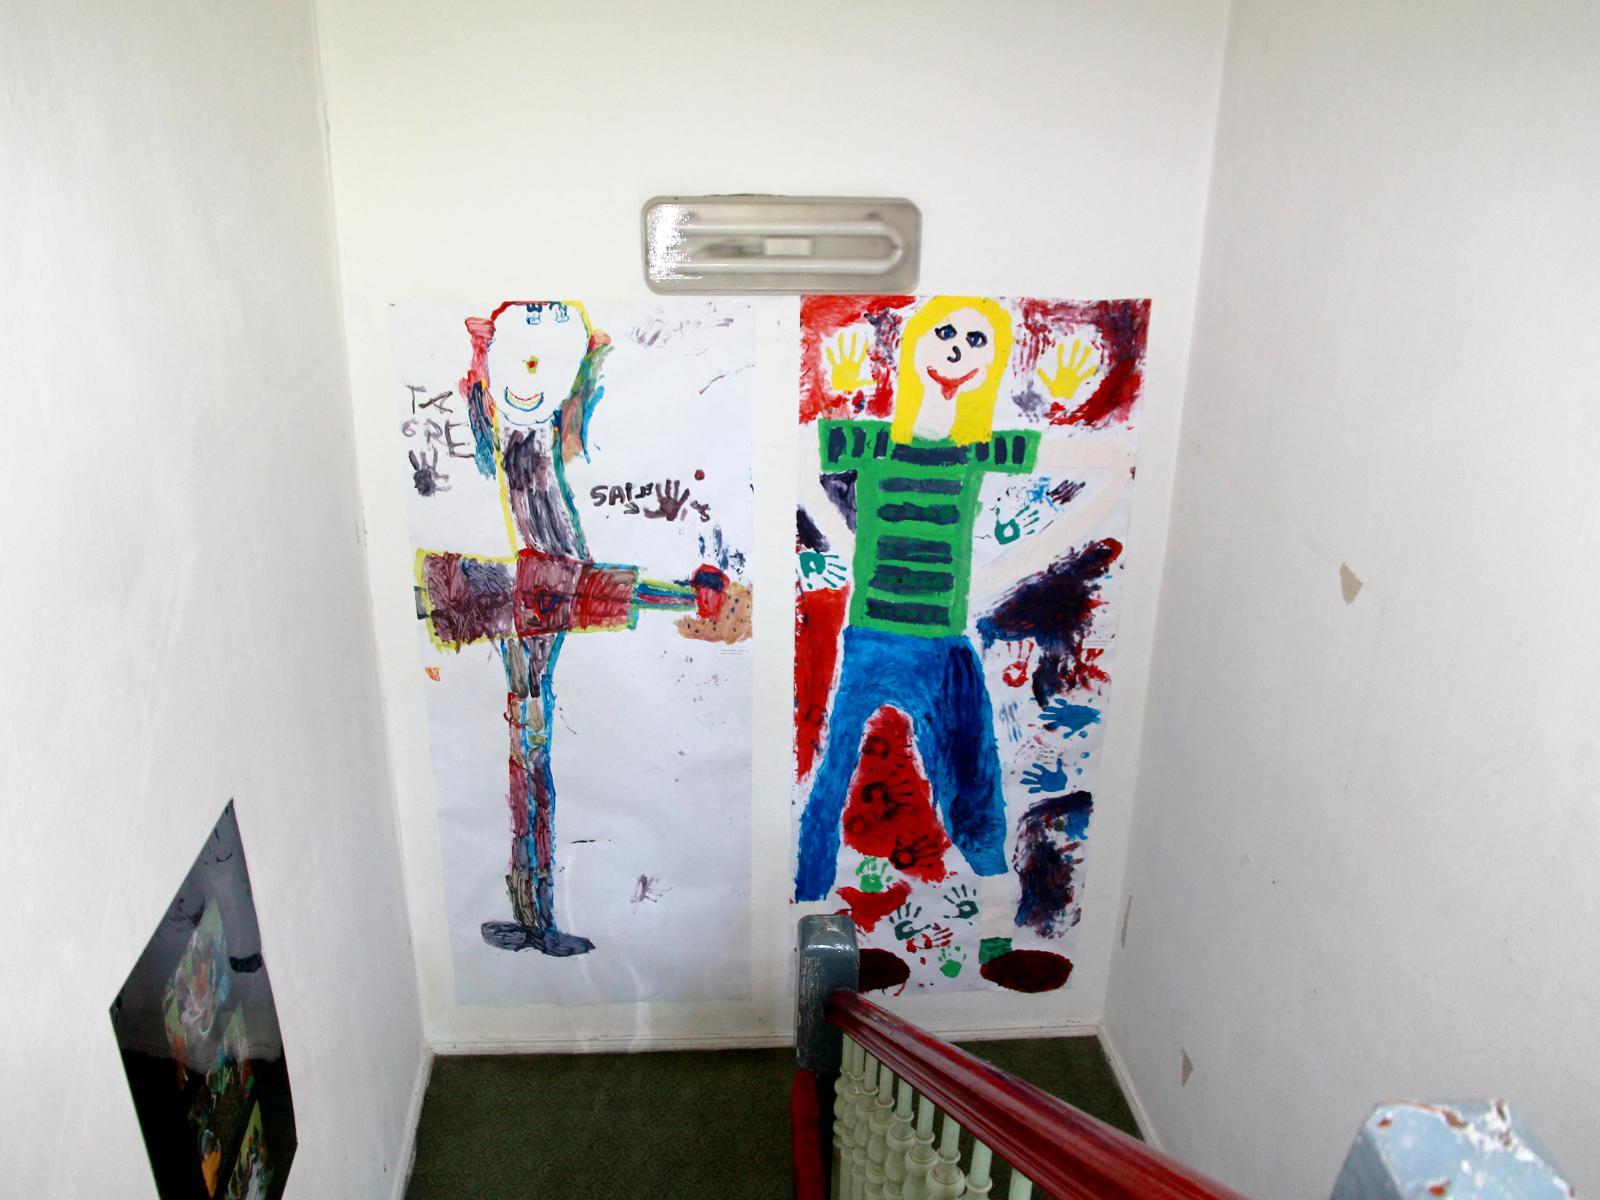 Atelierkurse Riesig malen, Kunstgespuer Atelierstunden